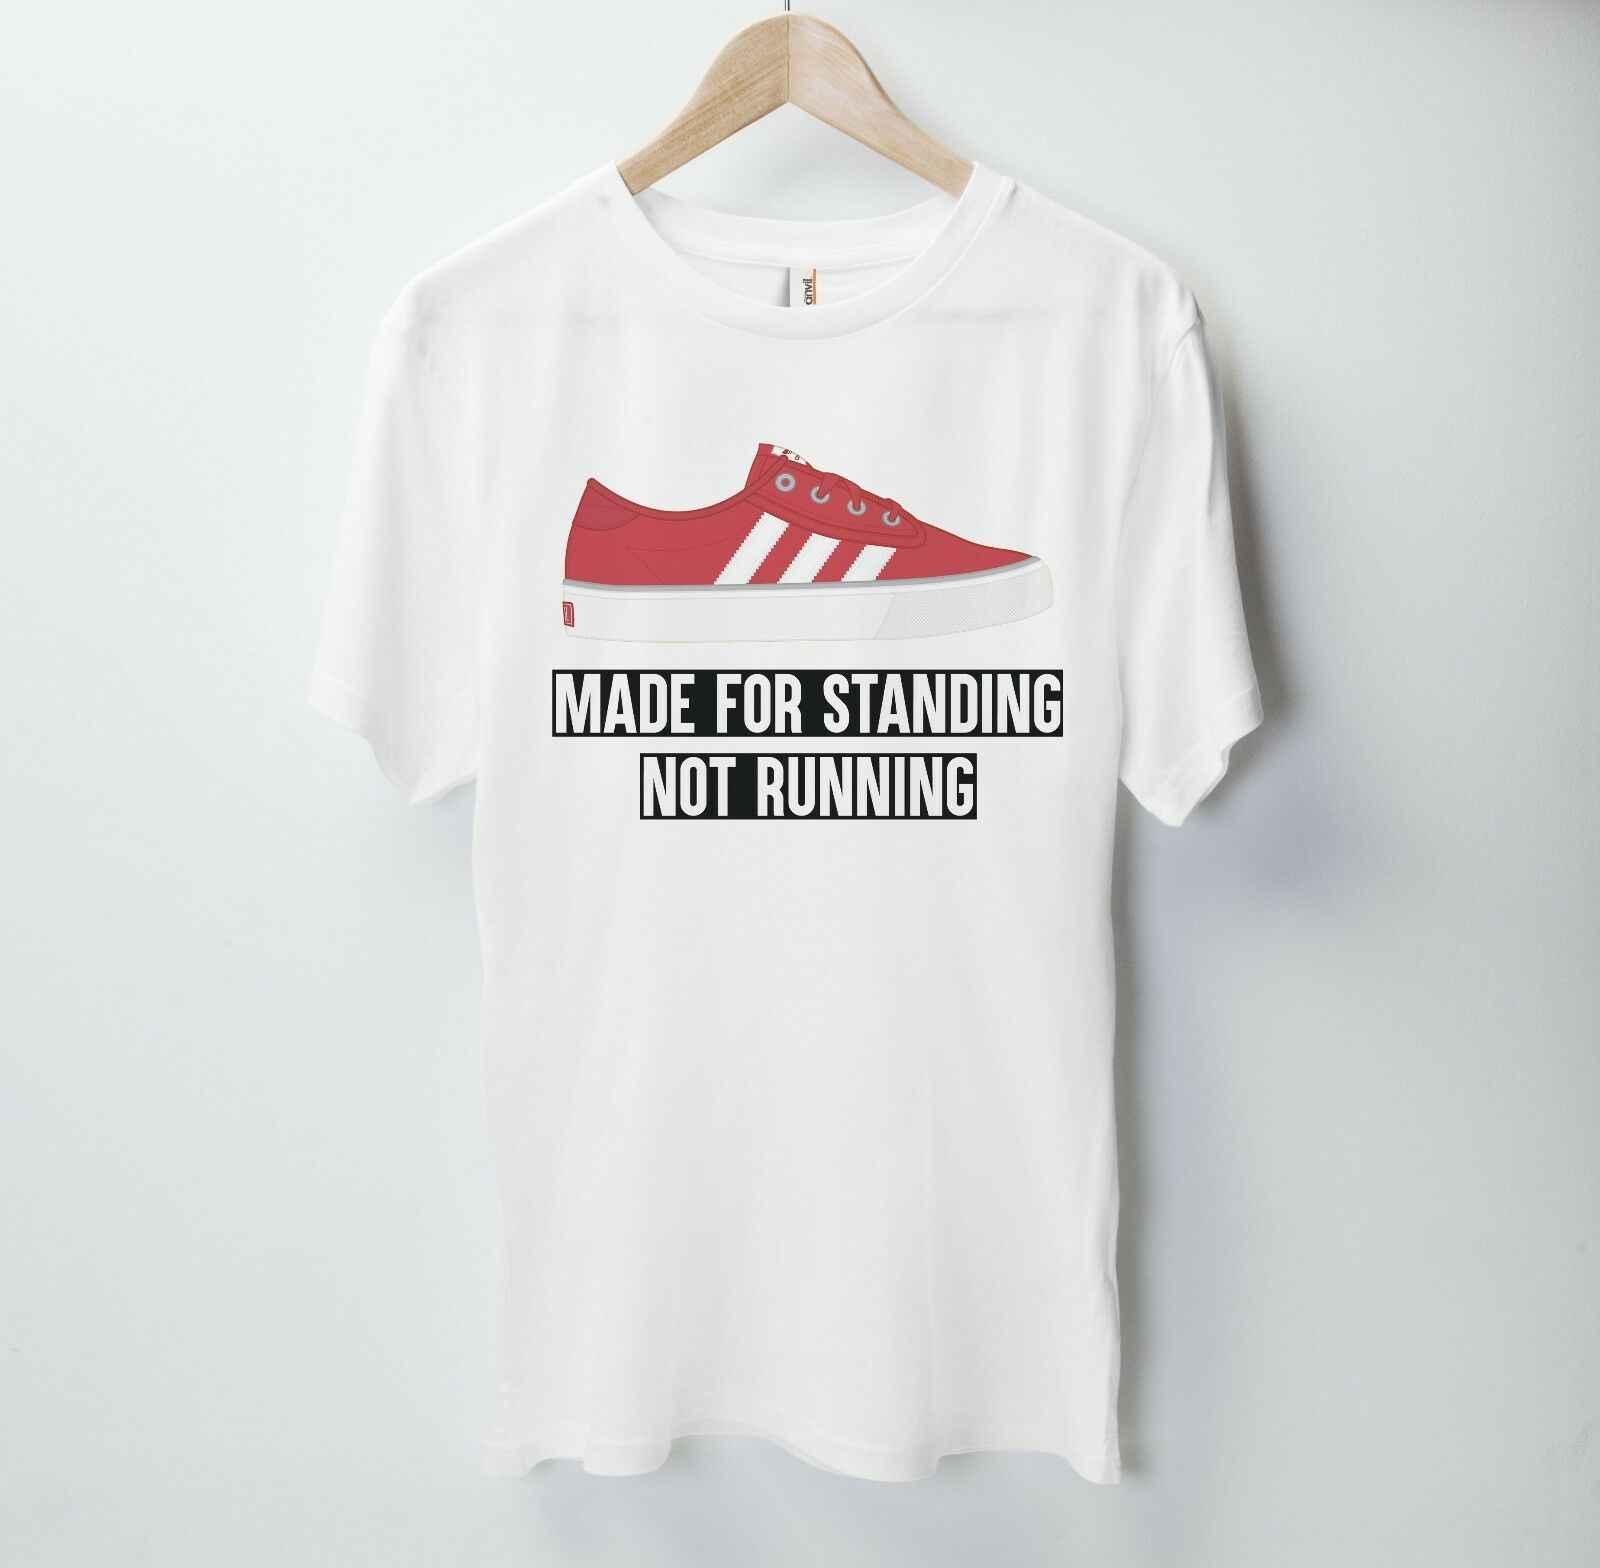 Сделано для стоя не бегущая футболка обувь Addidas кроссовки футбол хулиган топы оптом футболка на заказ Environtal печатных Tshi